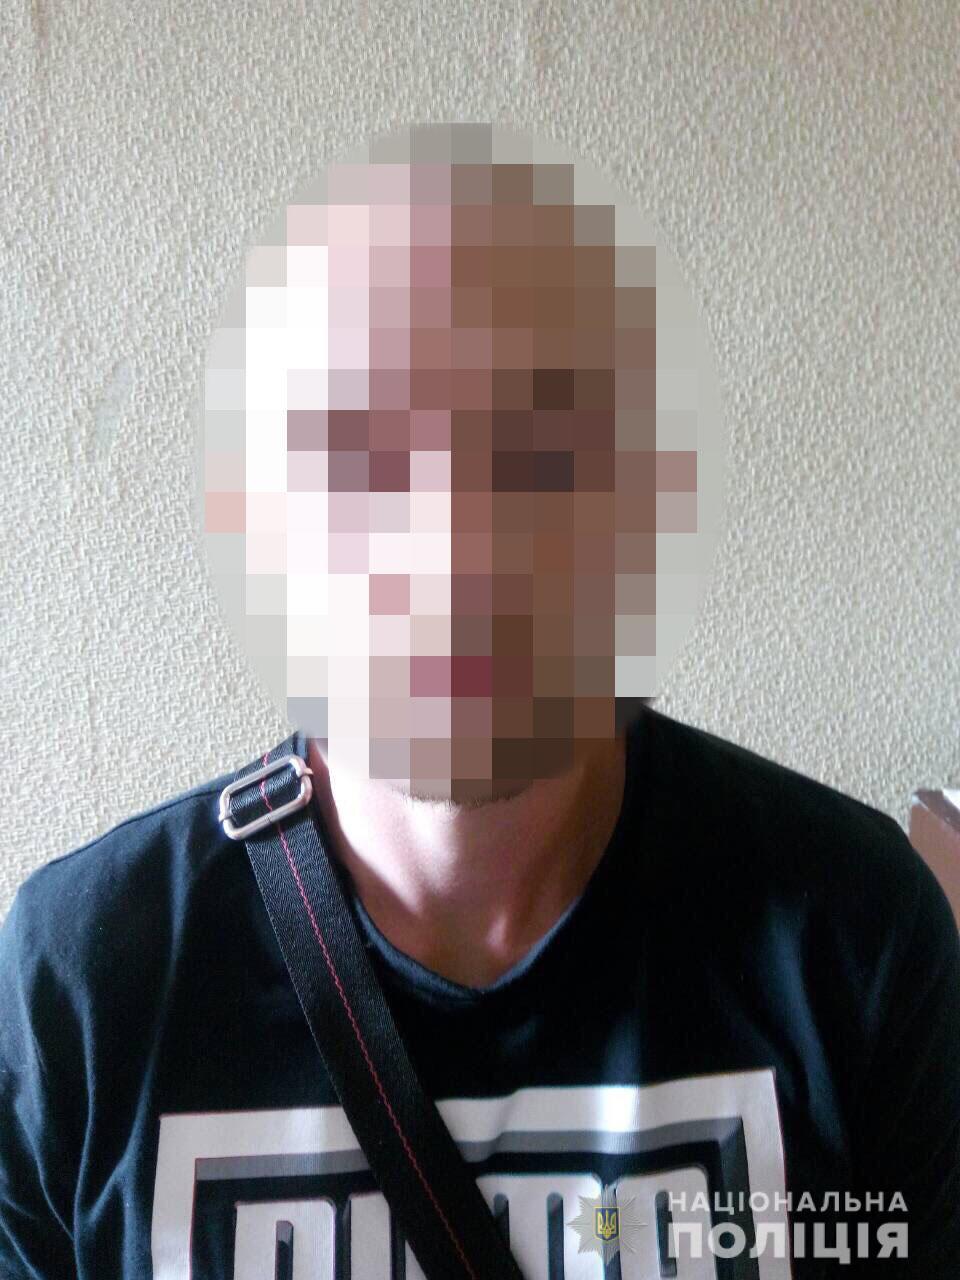 В Харькове задержали мужчину, который воровал аккумуляторные батареи (фото)